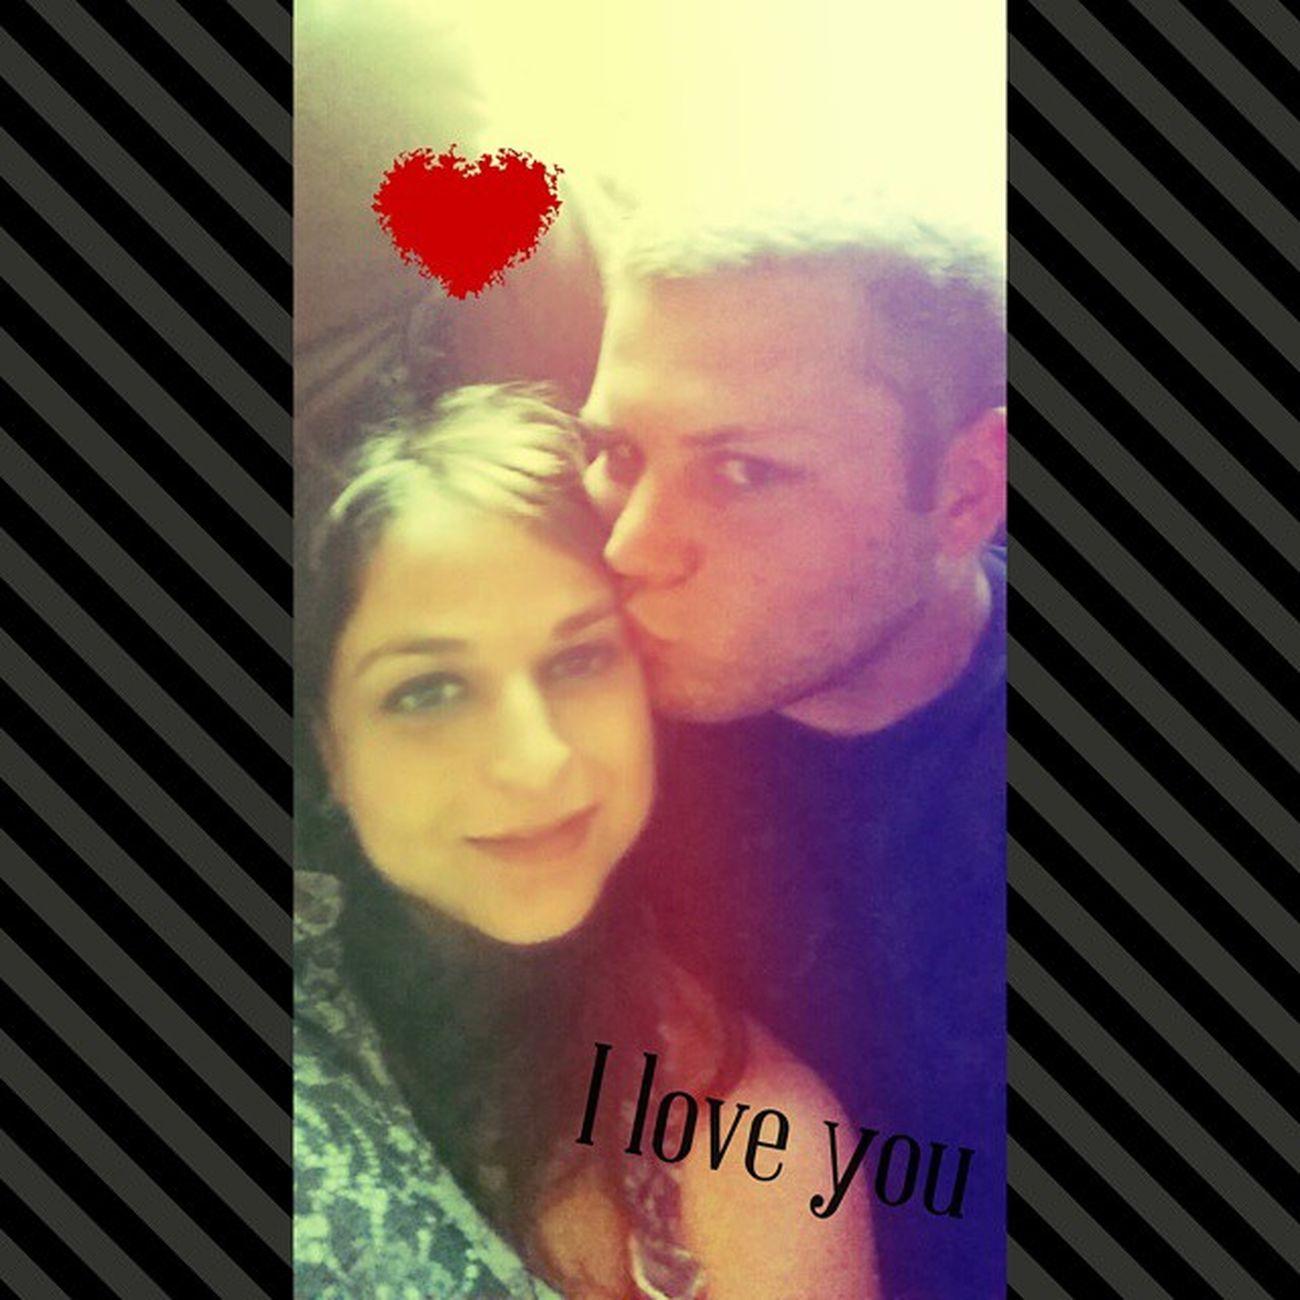 Forehead kisses are the best ❤ Imissedhim Ilovehim Bestfriend Boyfriend girlfriend longdistancerelationship love @ryanscott092